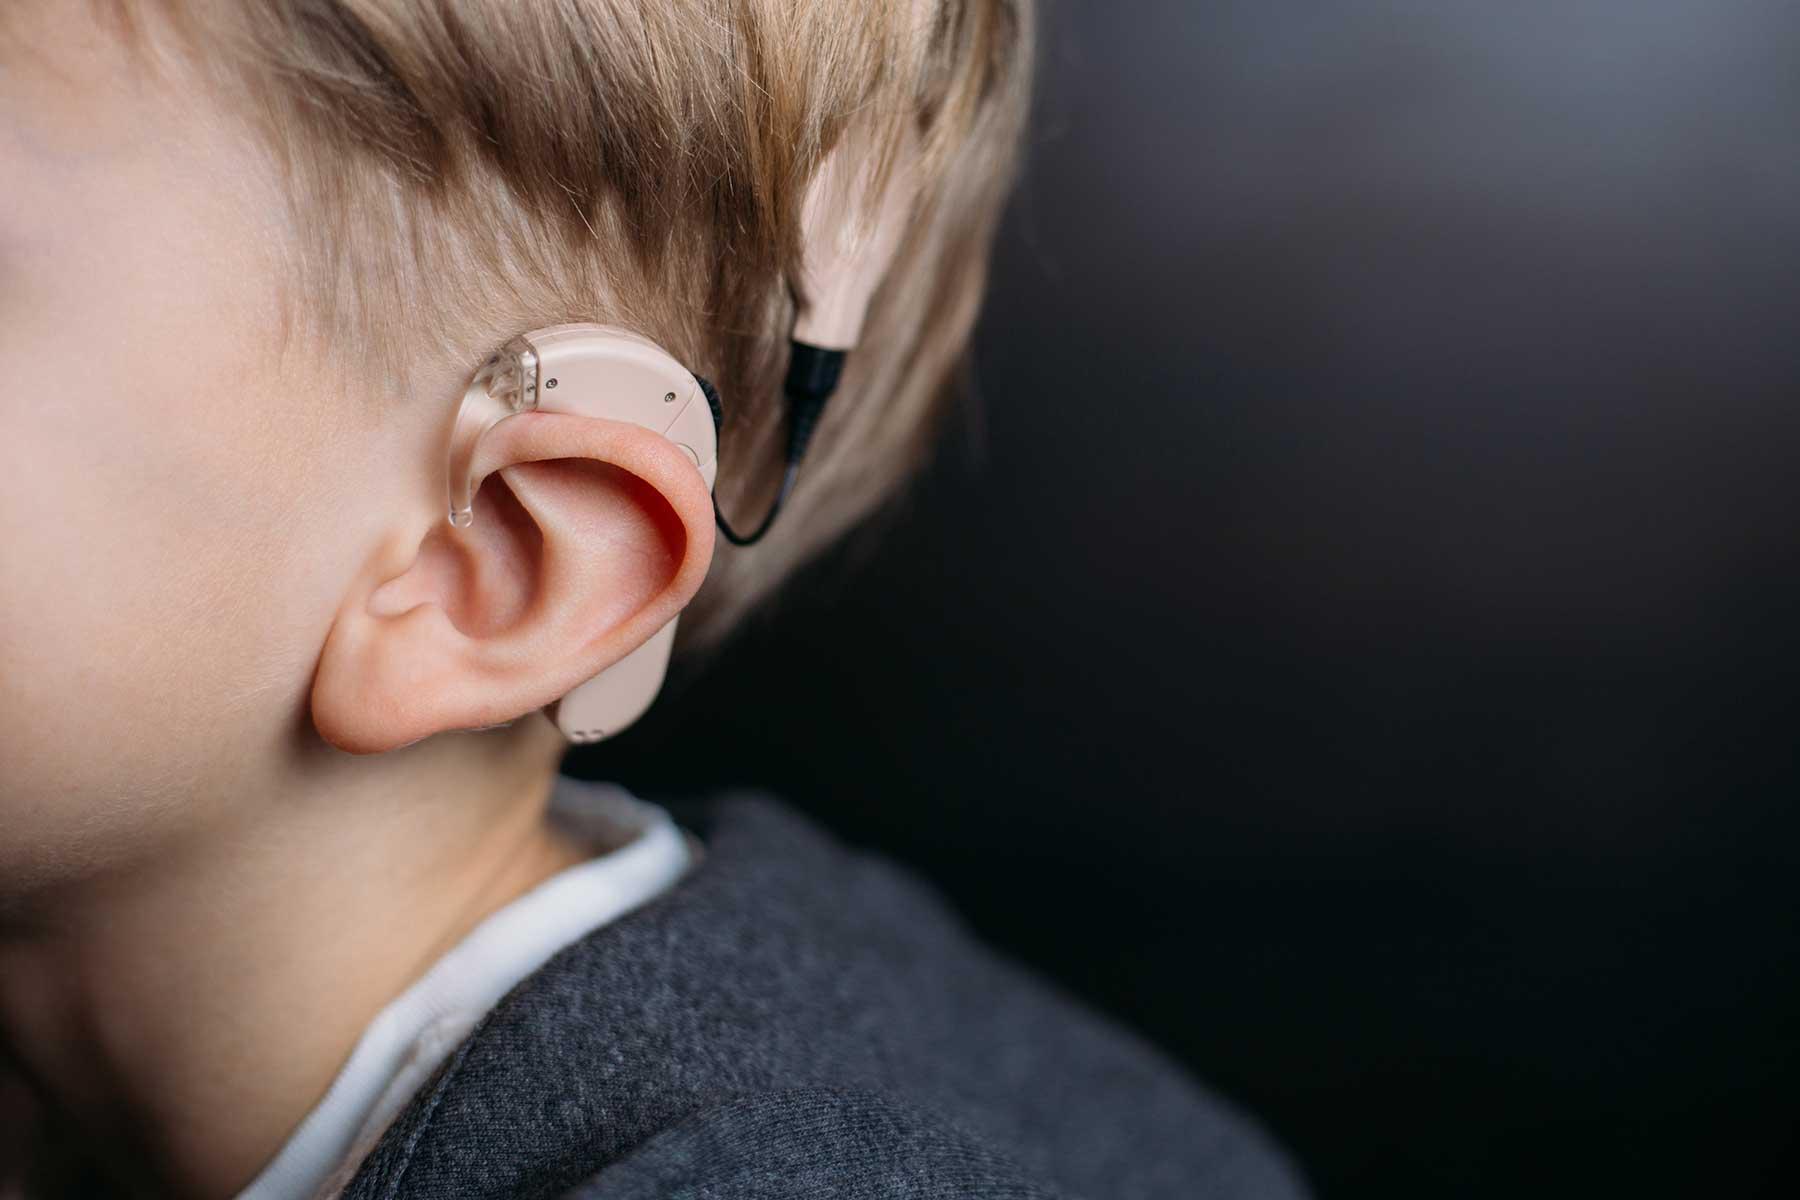 Mögliches Gerichtsurteil: Erzwungenes Cochlea-Implantat bei einem gehörlosen Kind